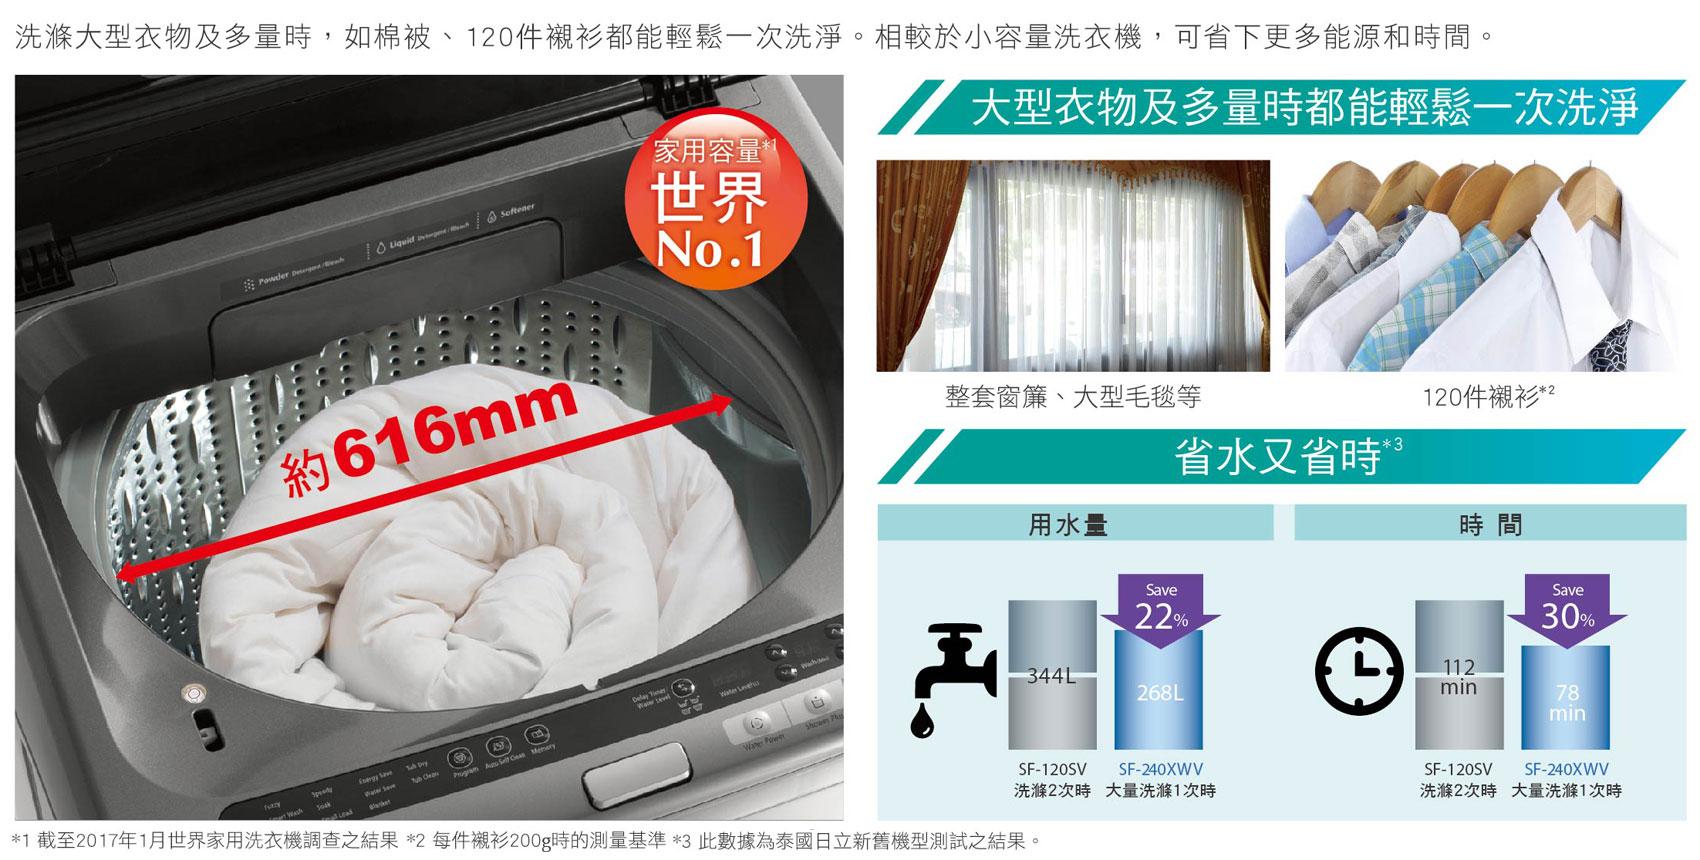 超大容量24kg 節能省時高效率